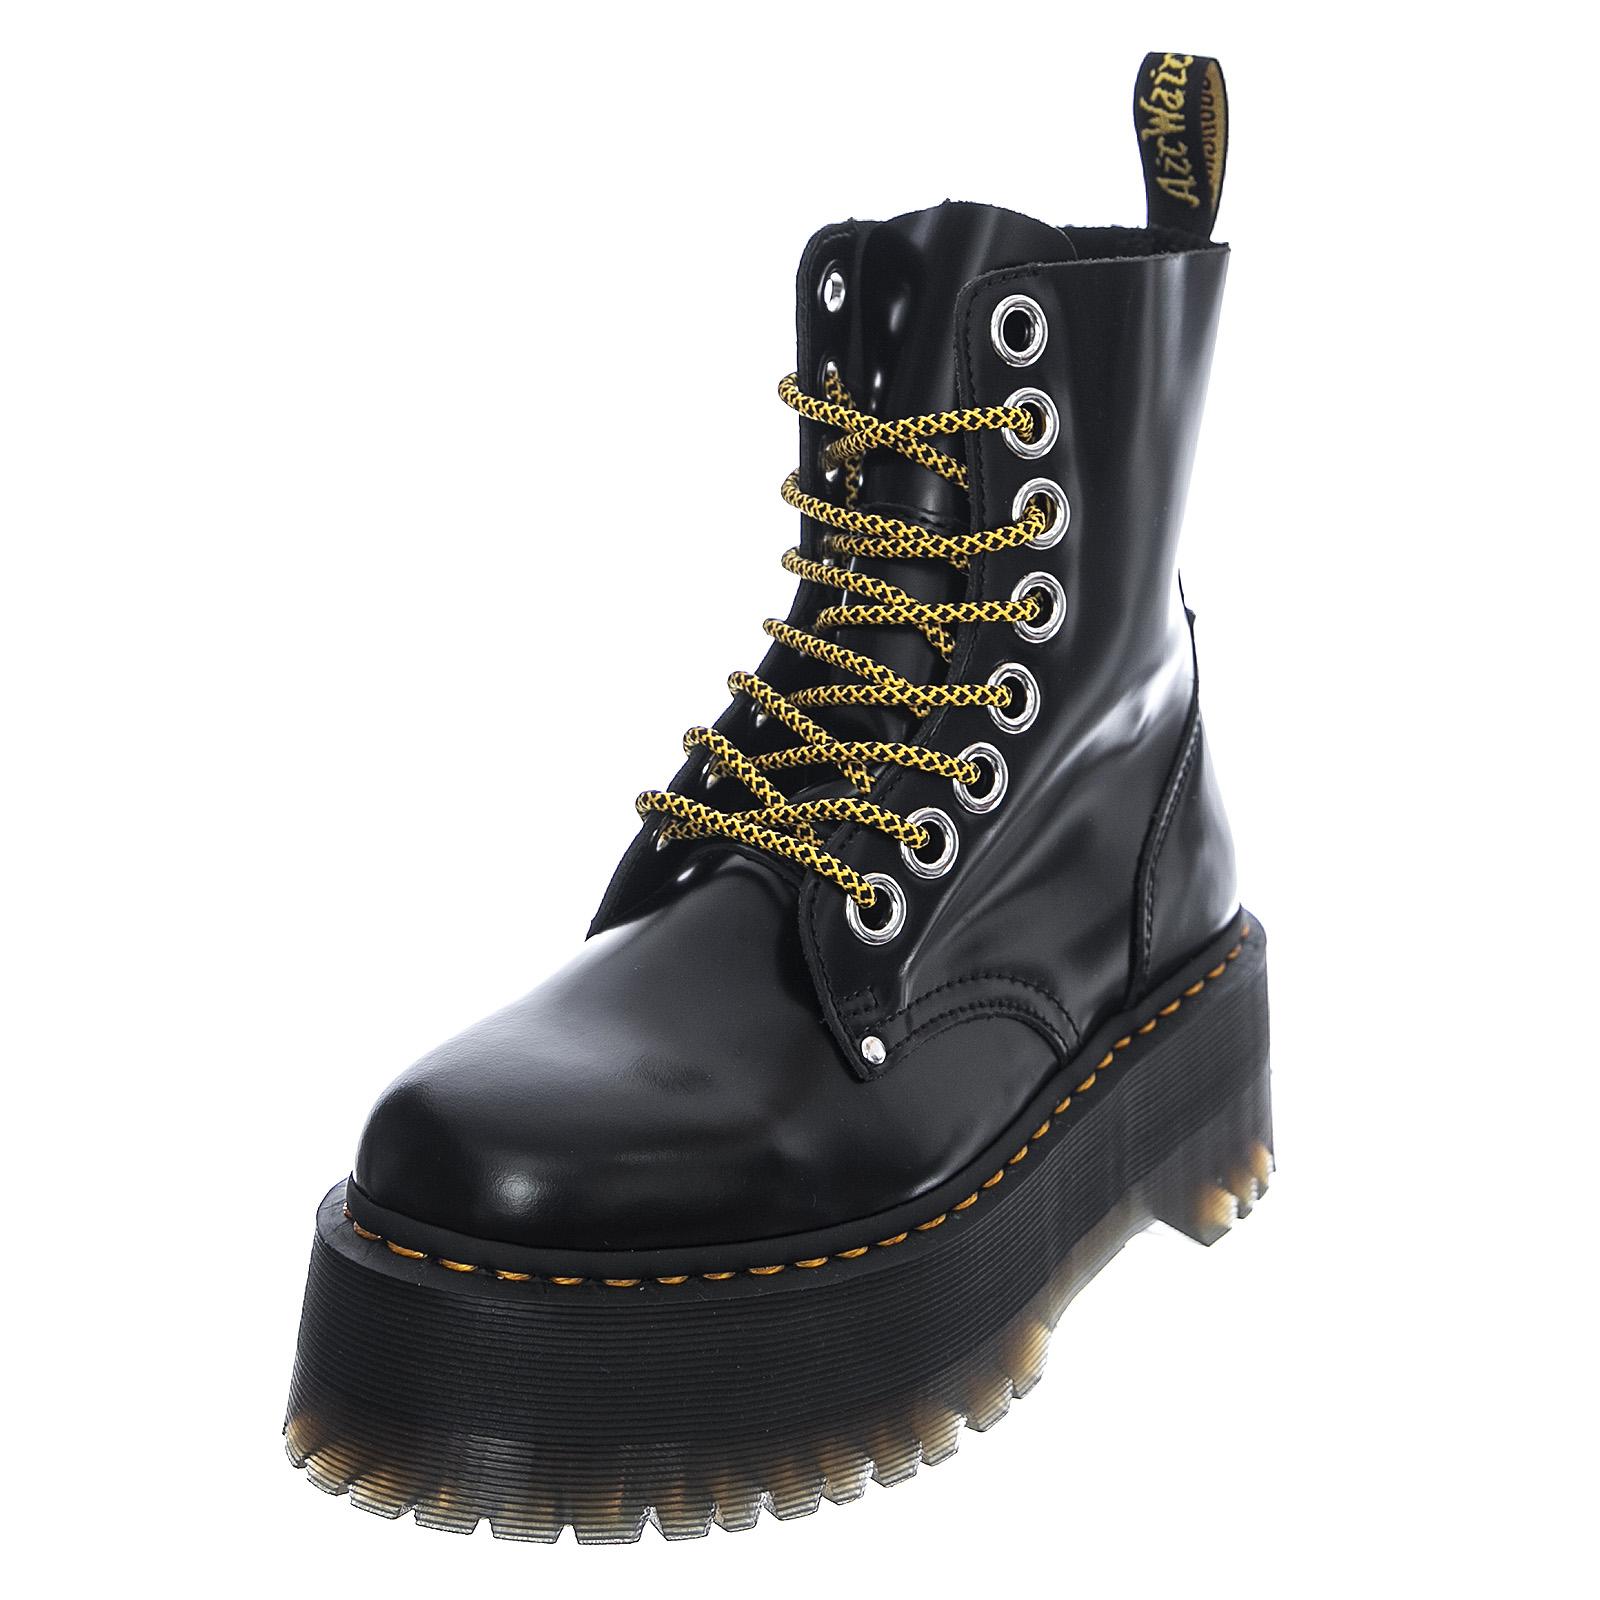 Dr martens jadon max platform boots in 2020 | Platform boots